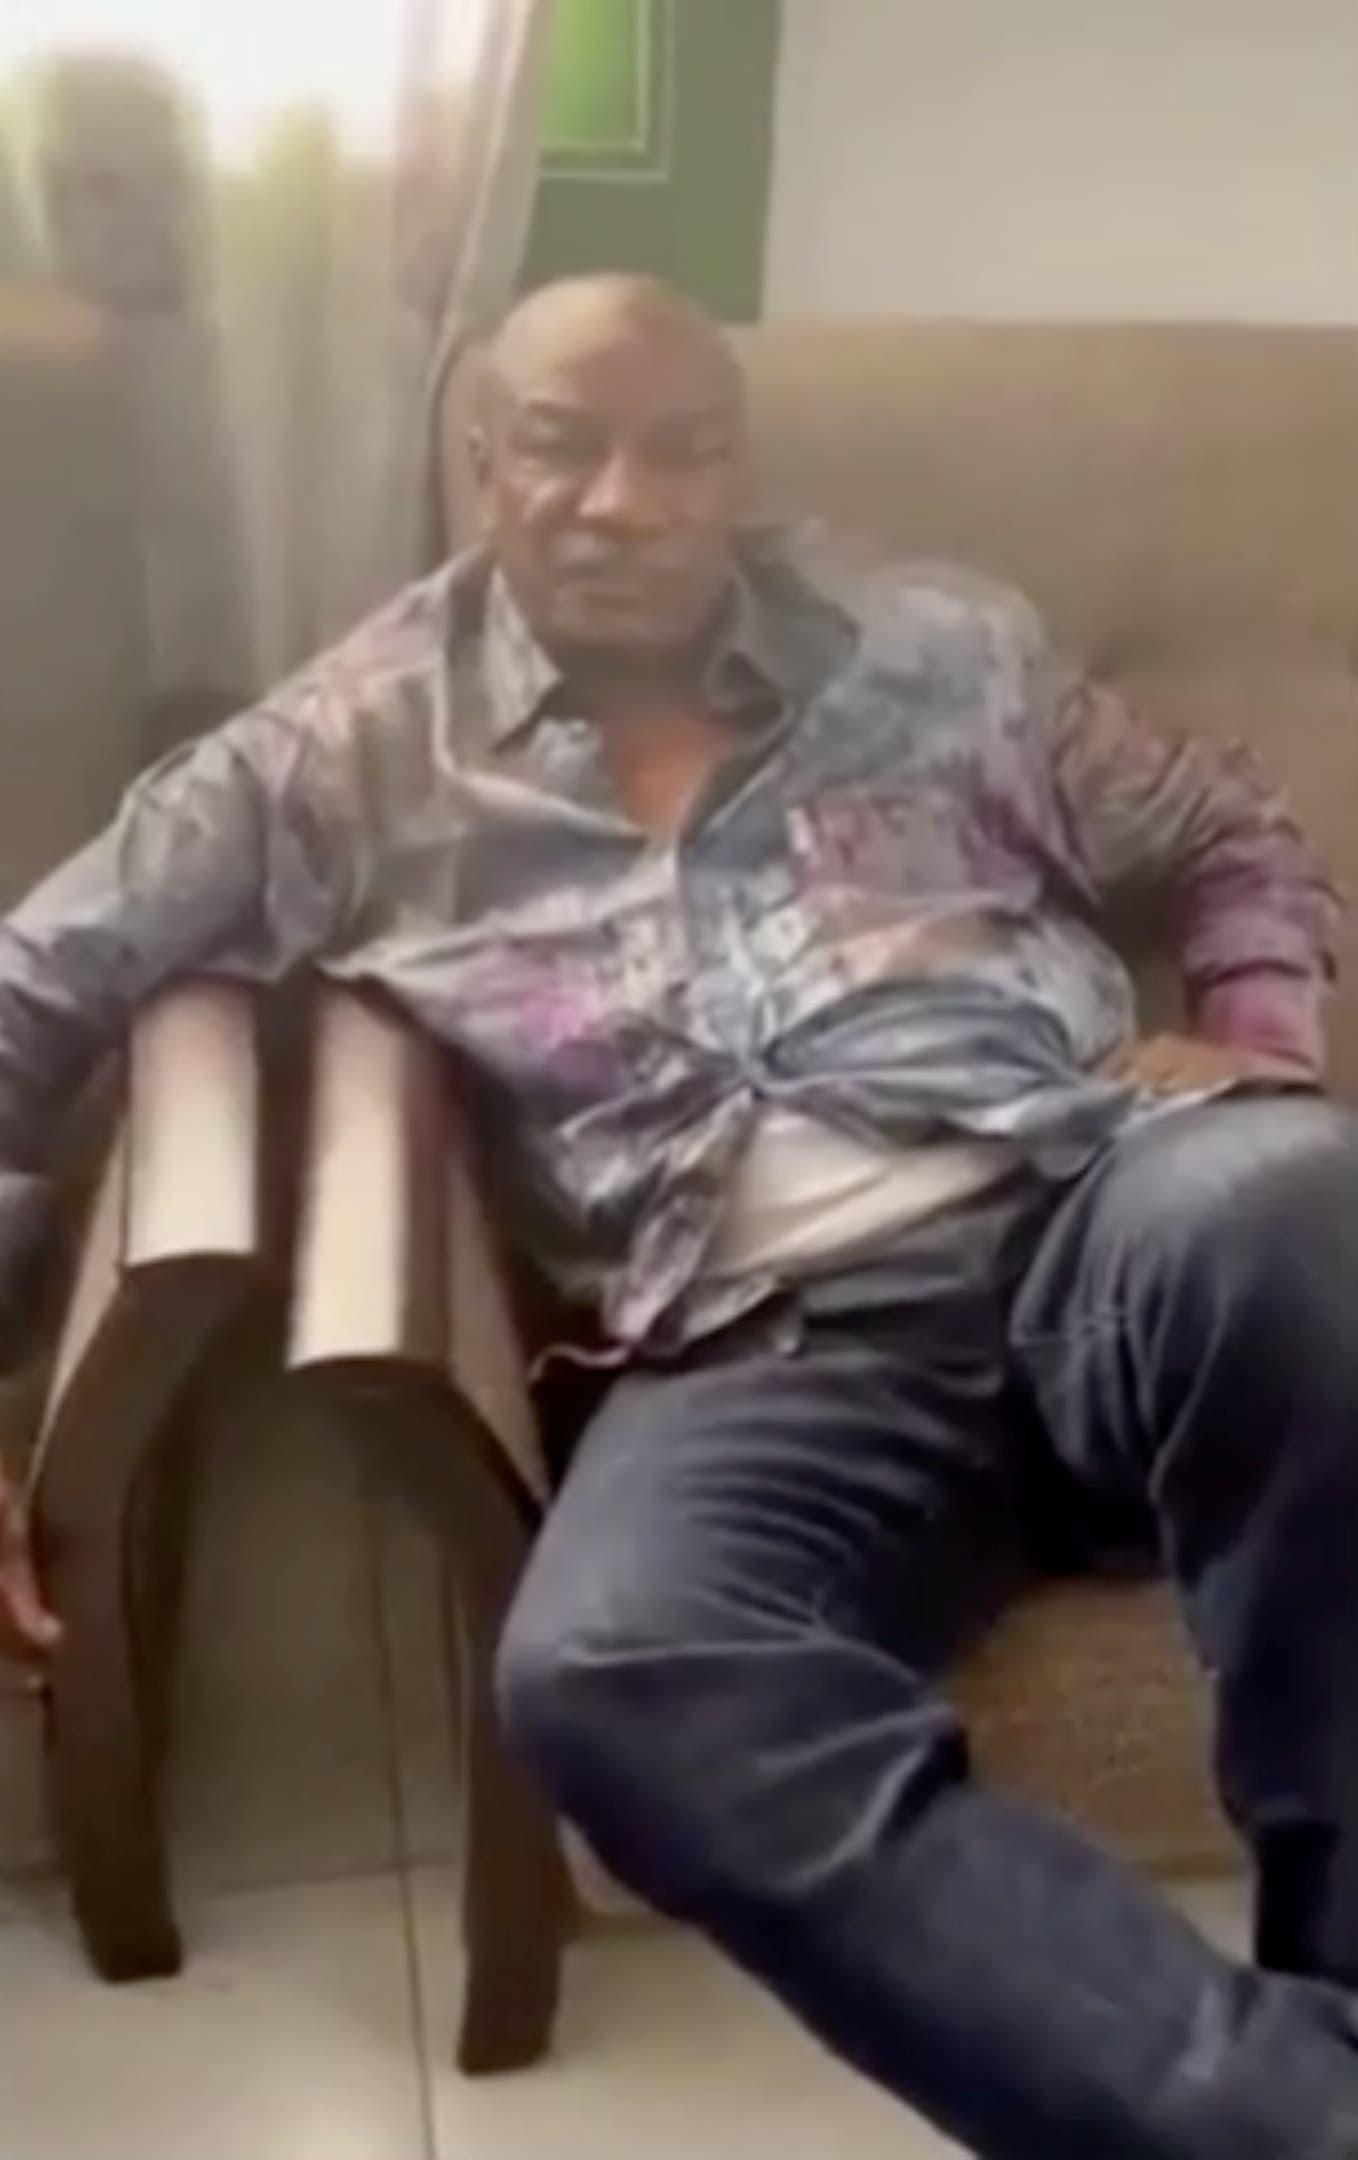 صورة من فيديو على وسائل للتواصل الاجتماعي لرئيس غينيا ألفا كوندي في قبضة جنود من الجيش